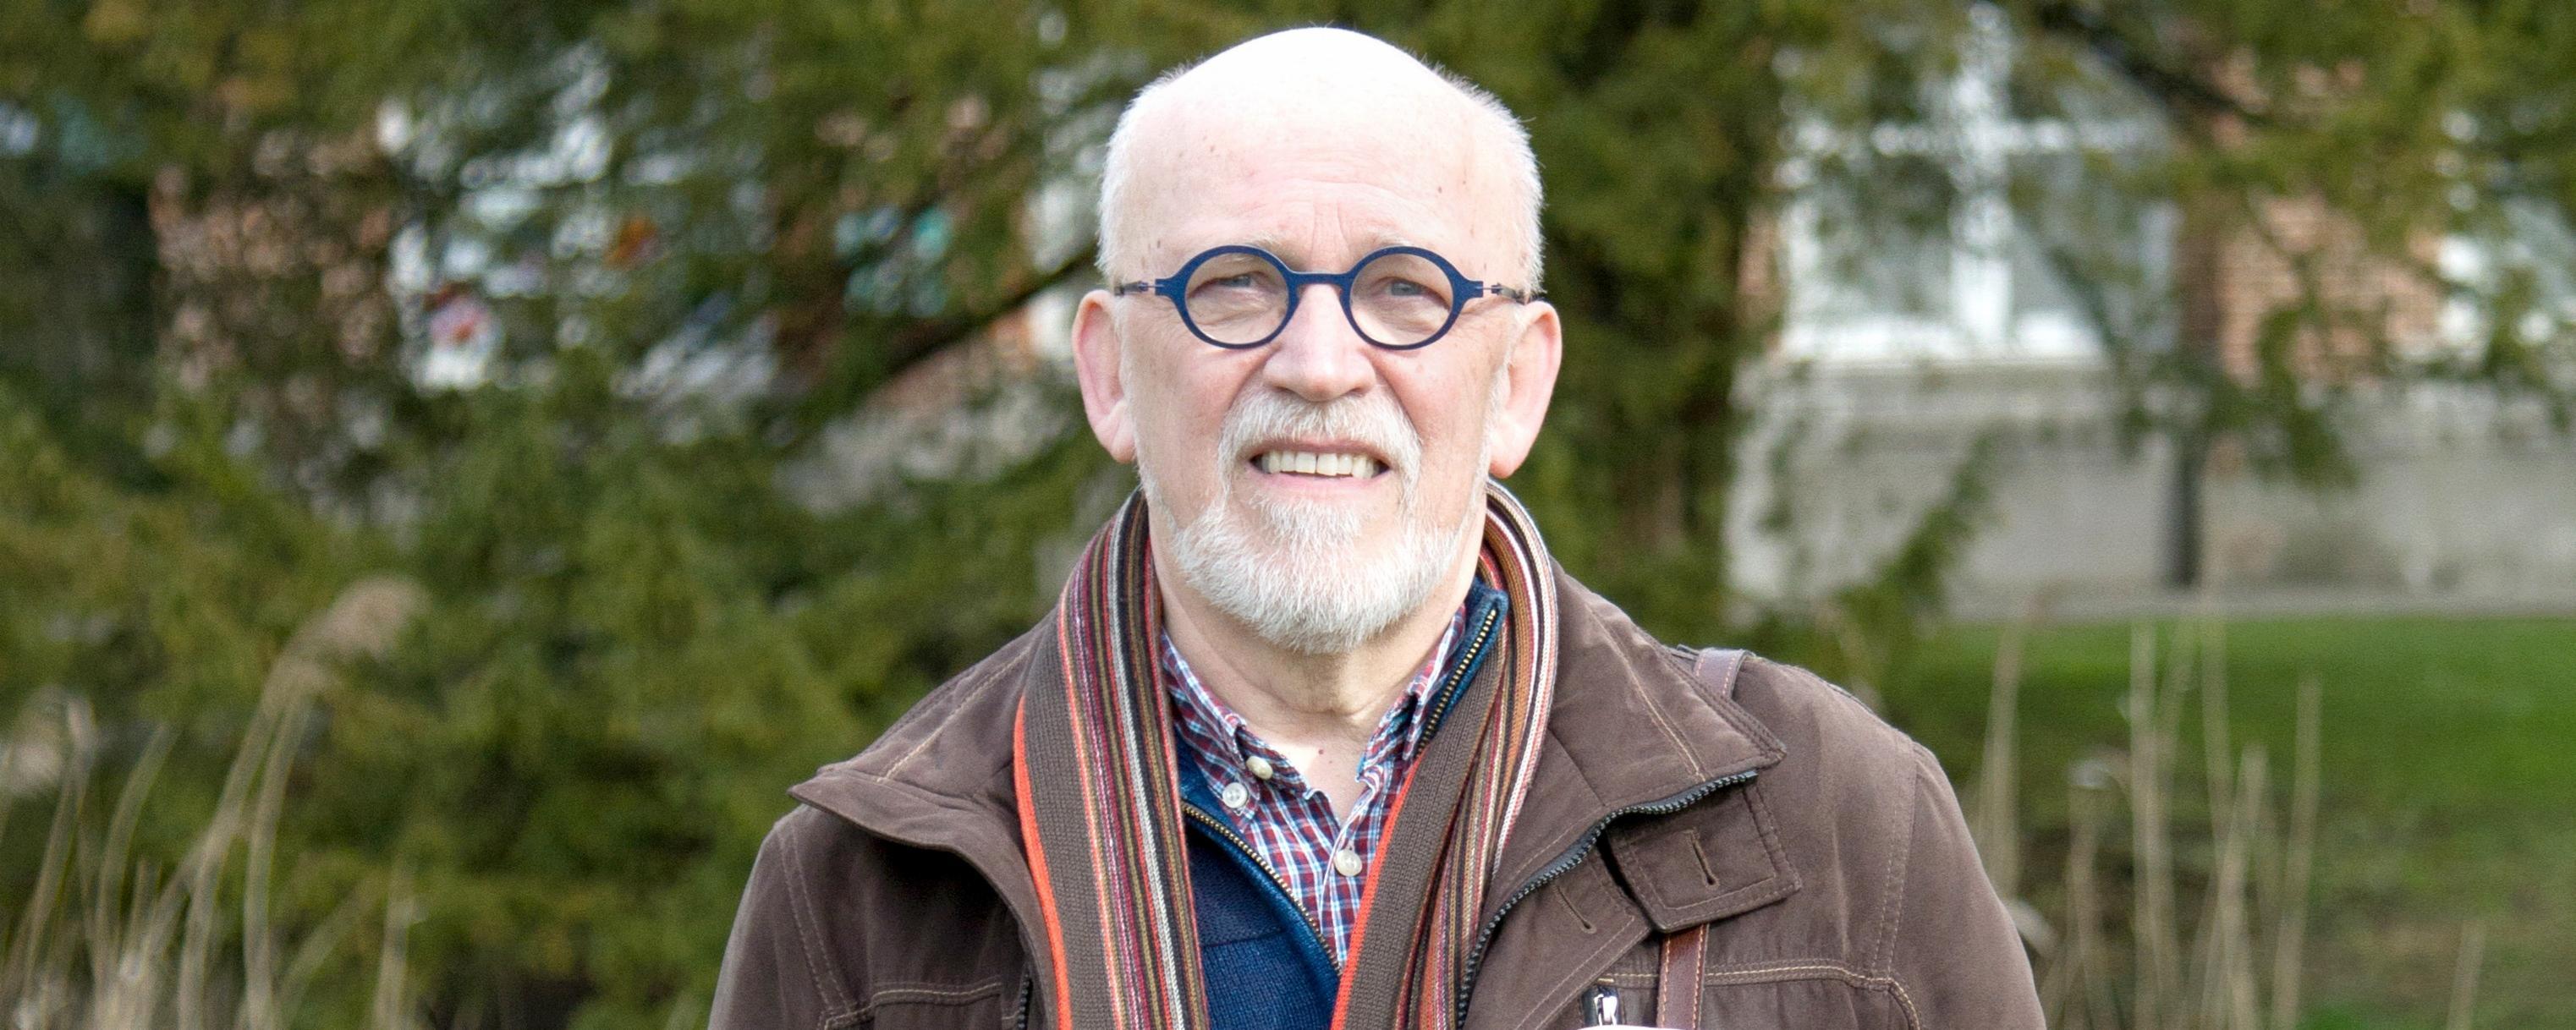 <h2>Onze oudste kandidaat: Ludo Wesenbeeck</h2><div>Het is niet ieder voor zich, of ieder in zijn hokje, we moeten solidair zijn met elkaar.</div>